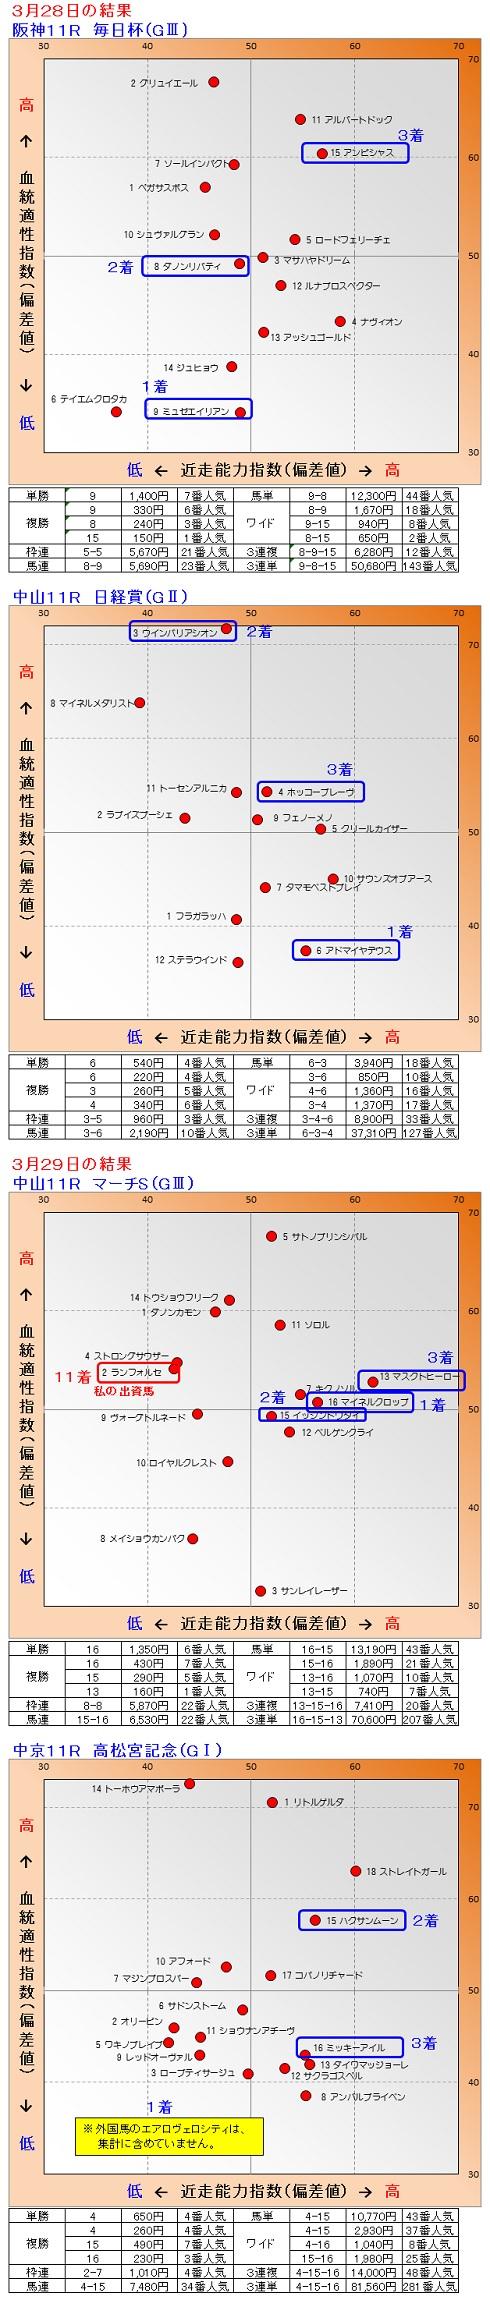 2015-03-2829結果